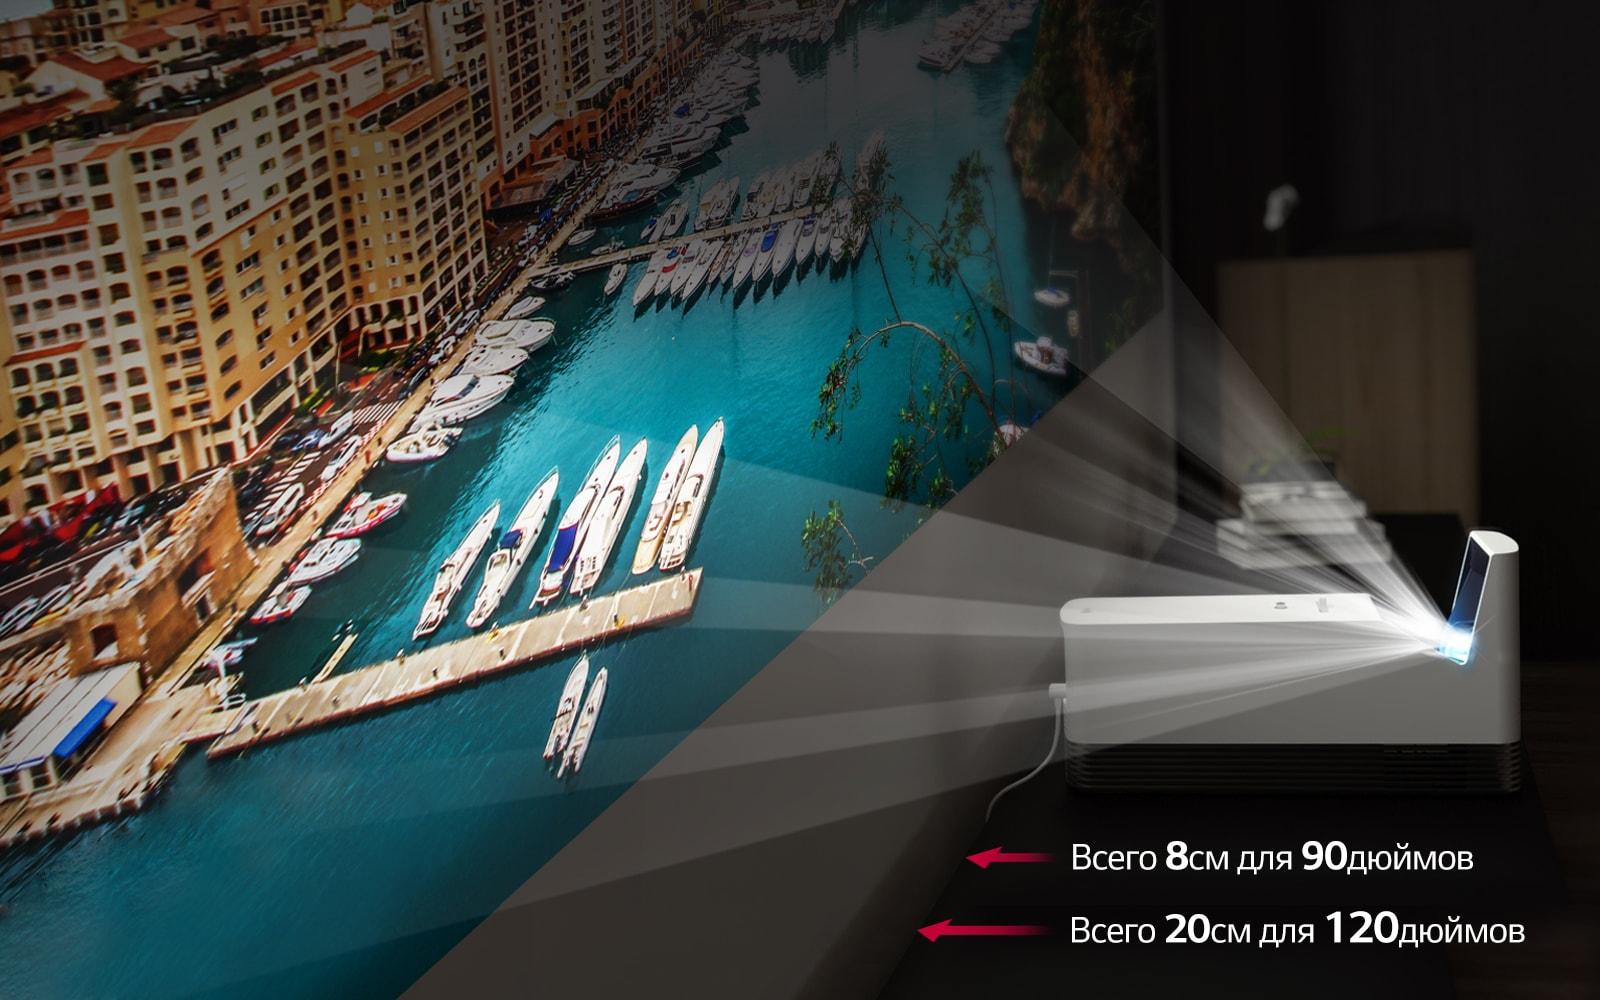 LG представляет лазерные проекторы серии CineBeam: LG HF85LSR и LG HF80LSR